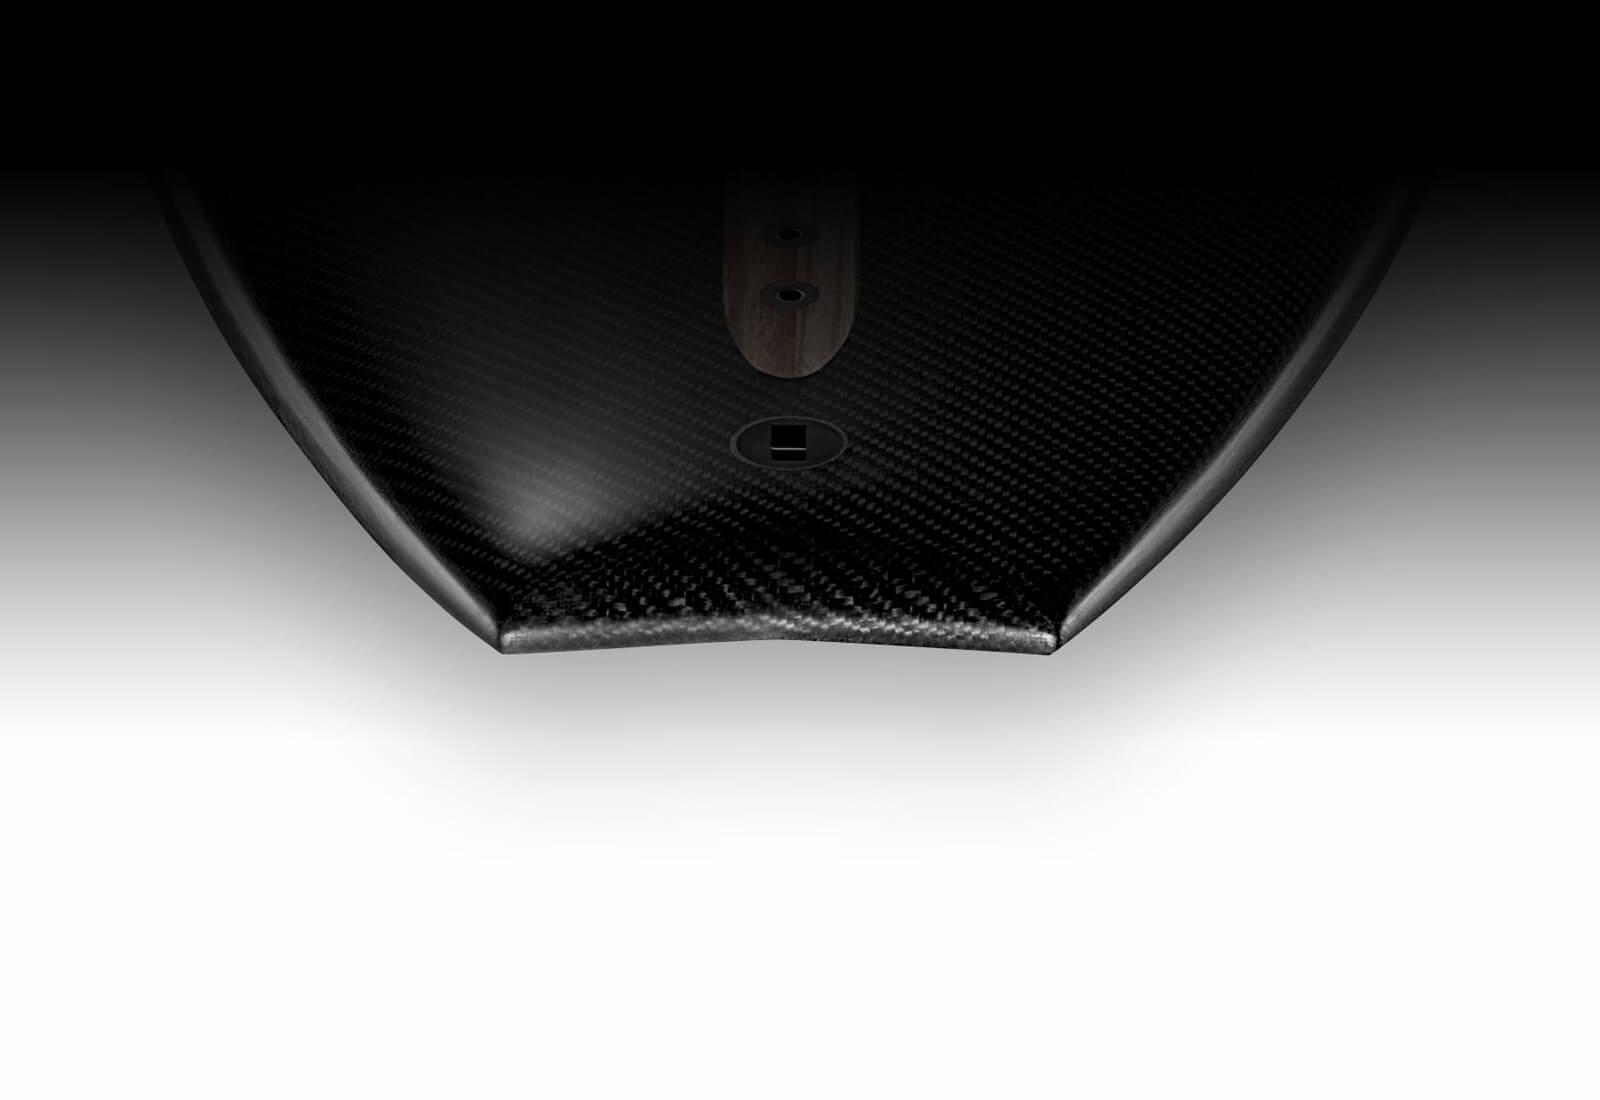 CORE Ripper 4 Mini Swallow Tail RGB 72dpi 1600 - CORE Ripper 4